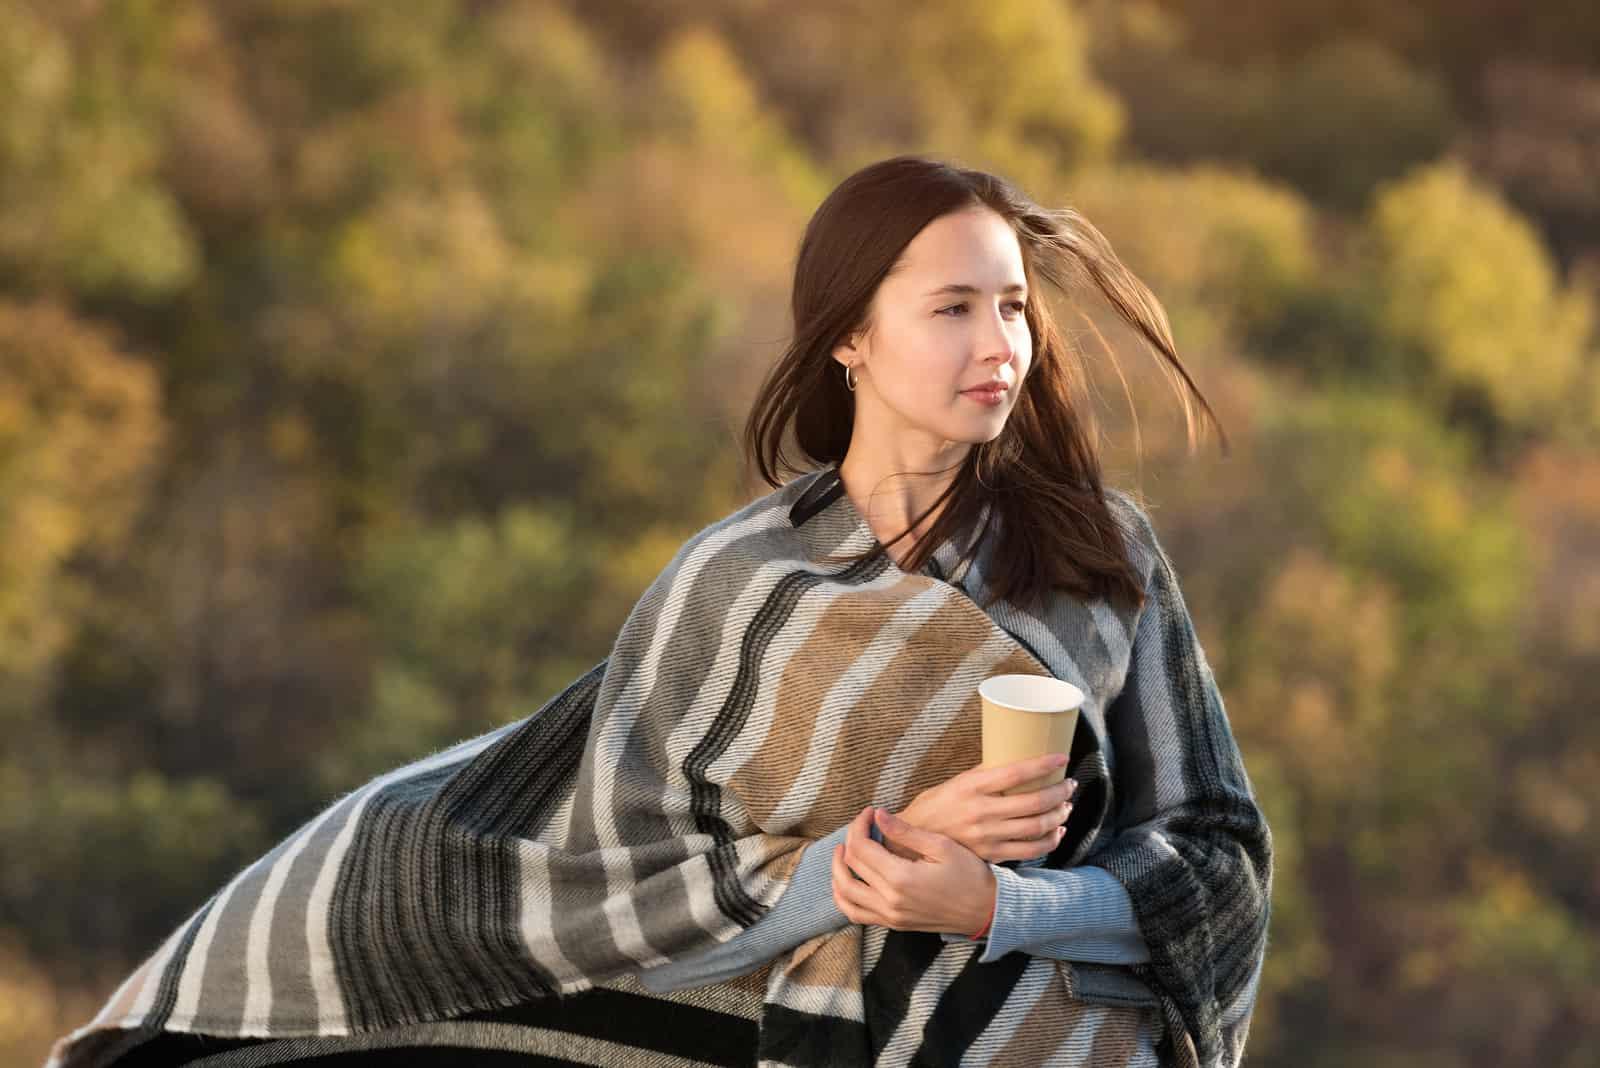 la femme est debout et tient un café à la main